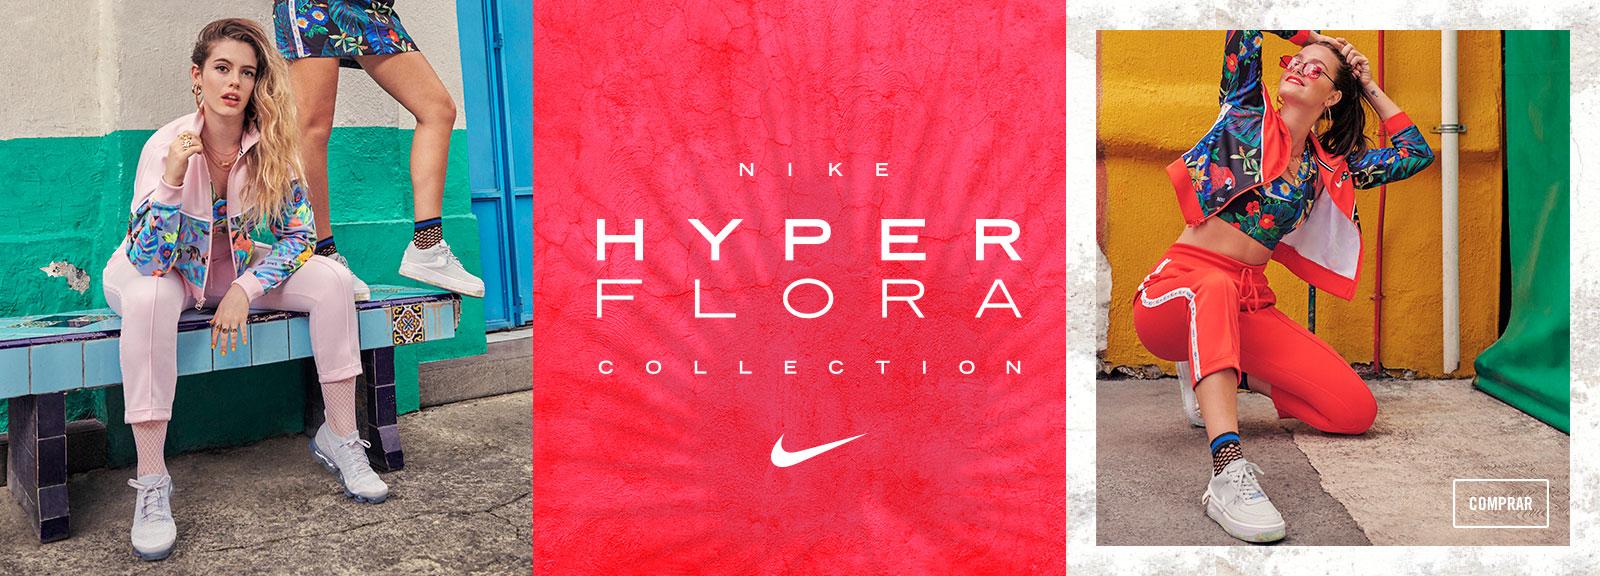 hyper flora